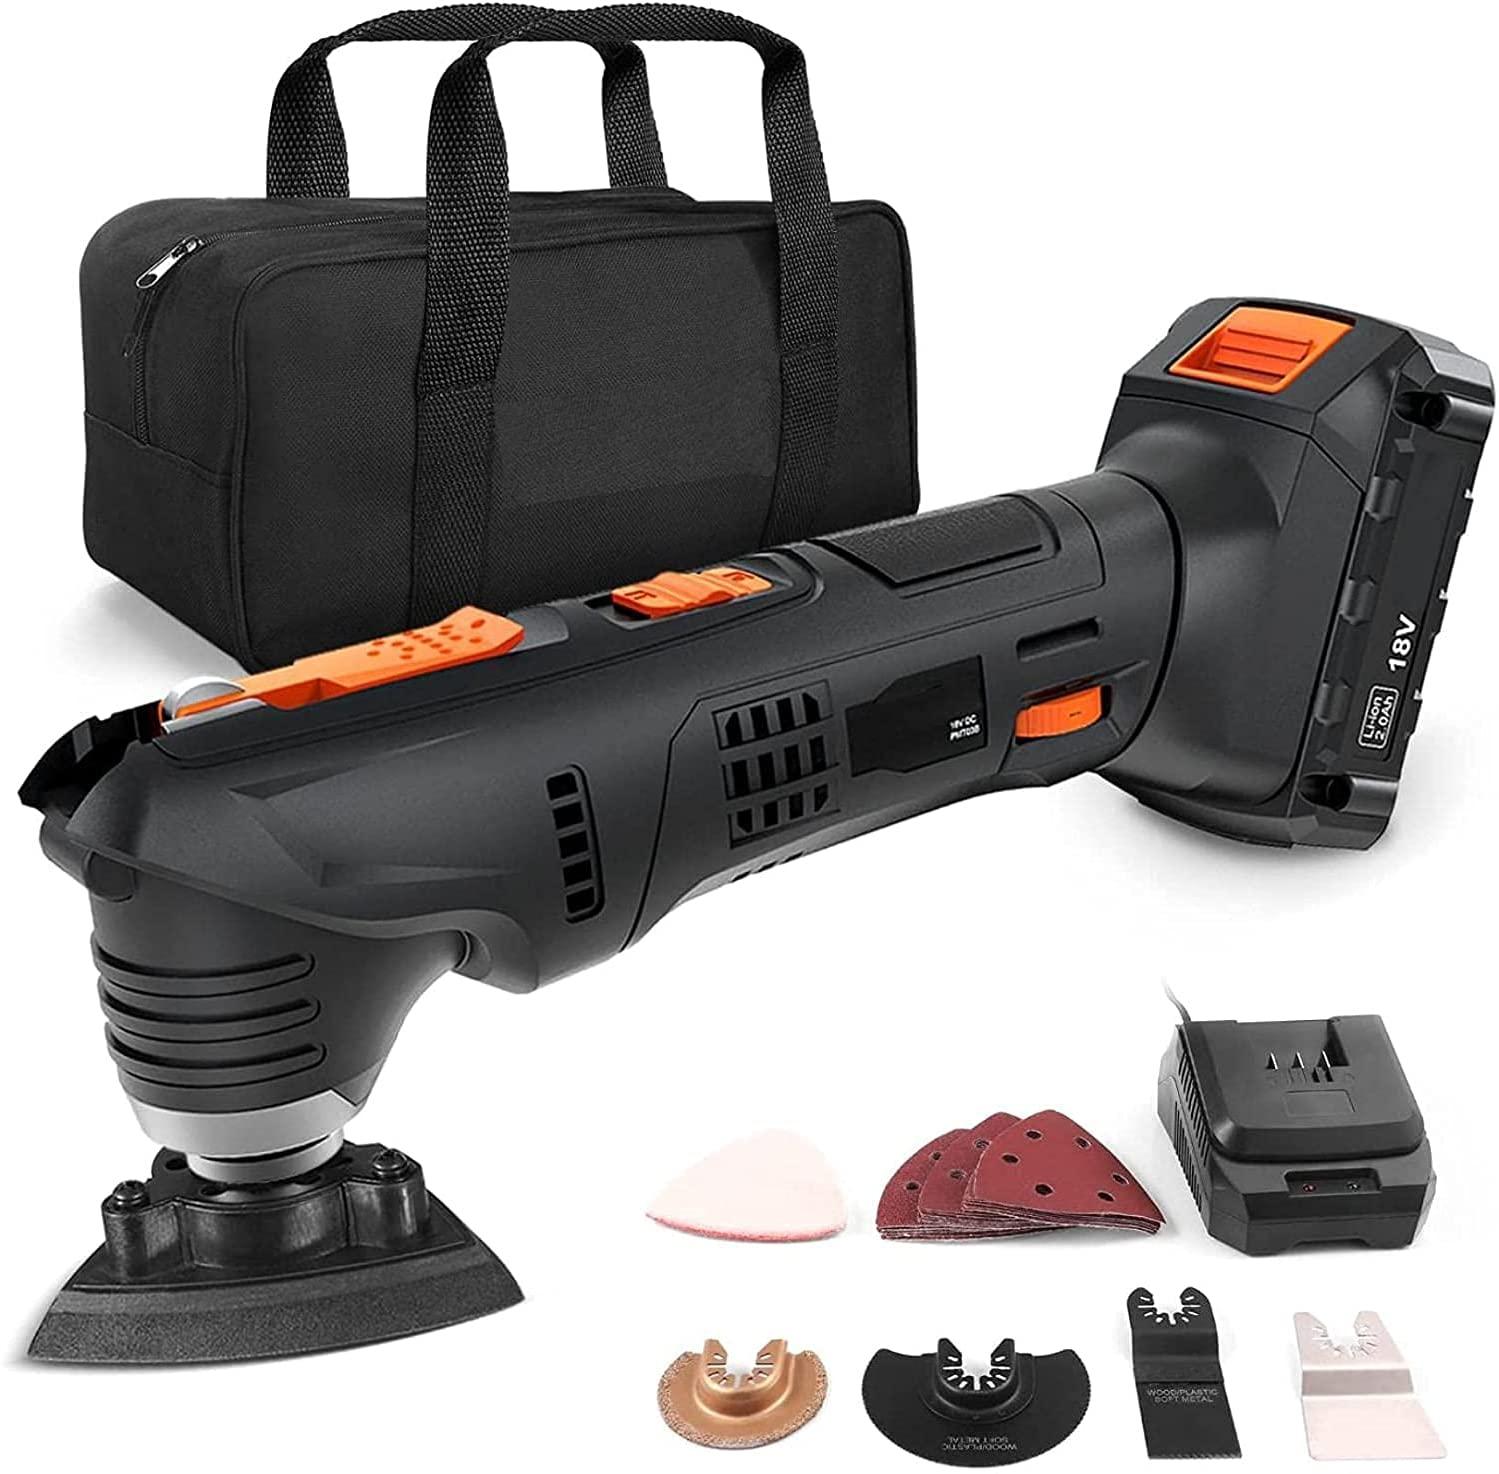 Bild zu 18 Volt Tacklife Multifunktionswerkzeug mit sechs Geschwindigkeiten und 24 Zubehörteilen für 28,46€